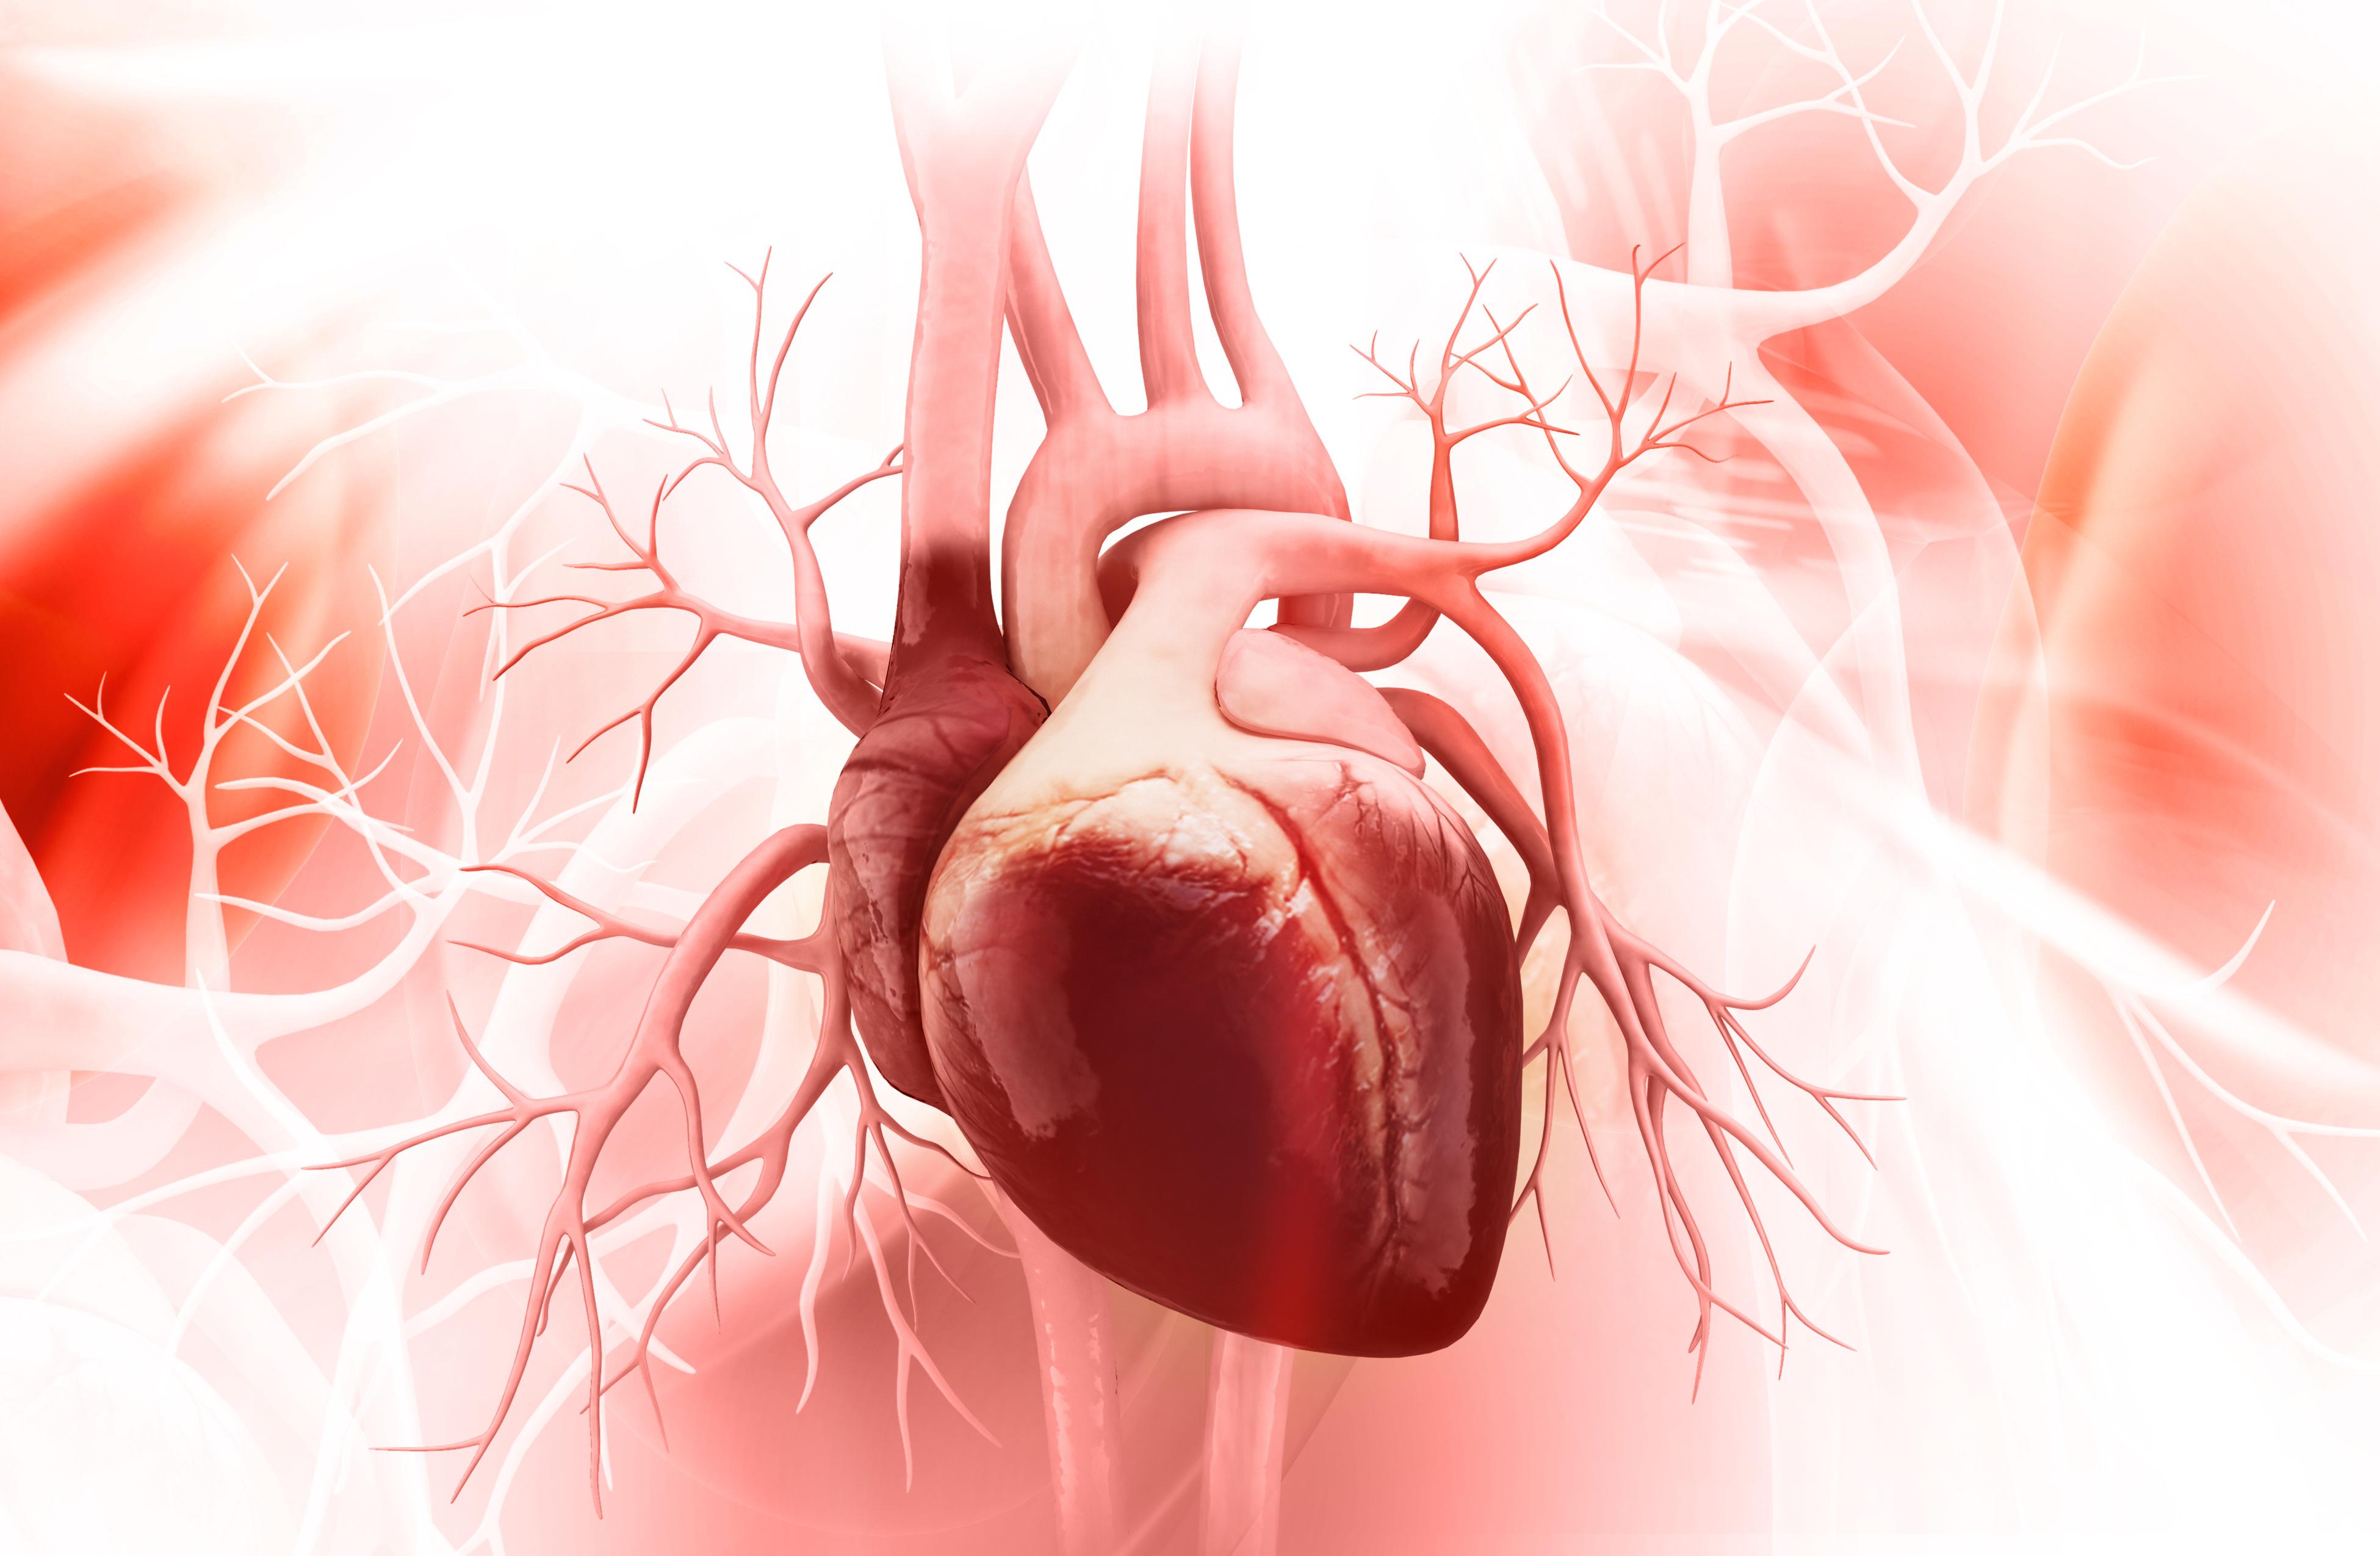 Herzfehler: Löcher in der Scheidewand oder unterentwickelte Herzhälften